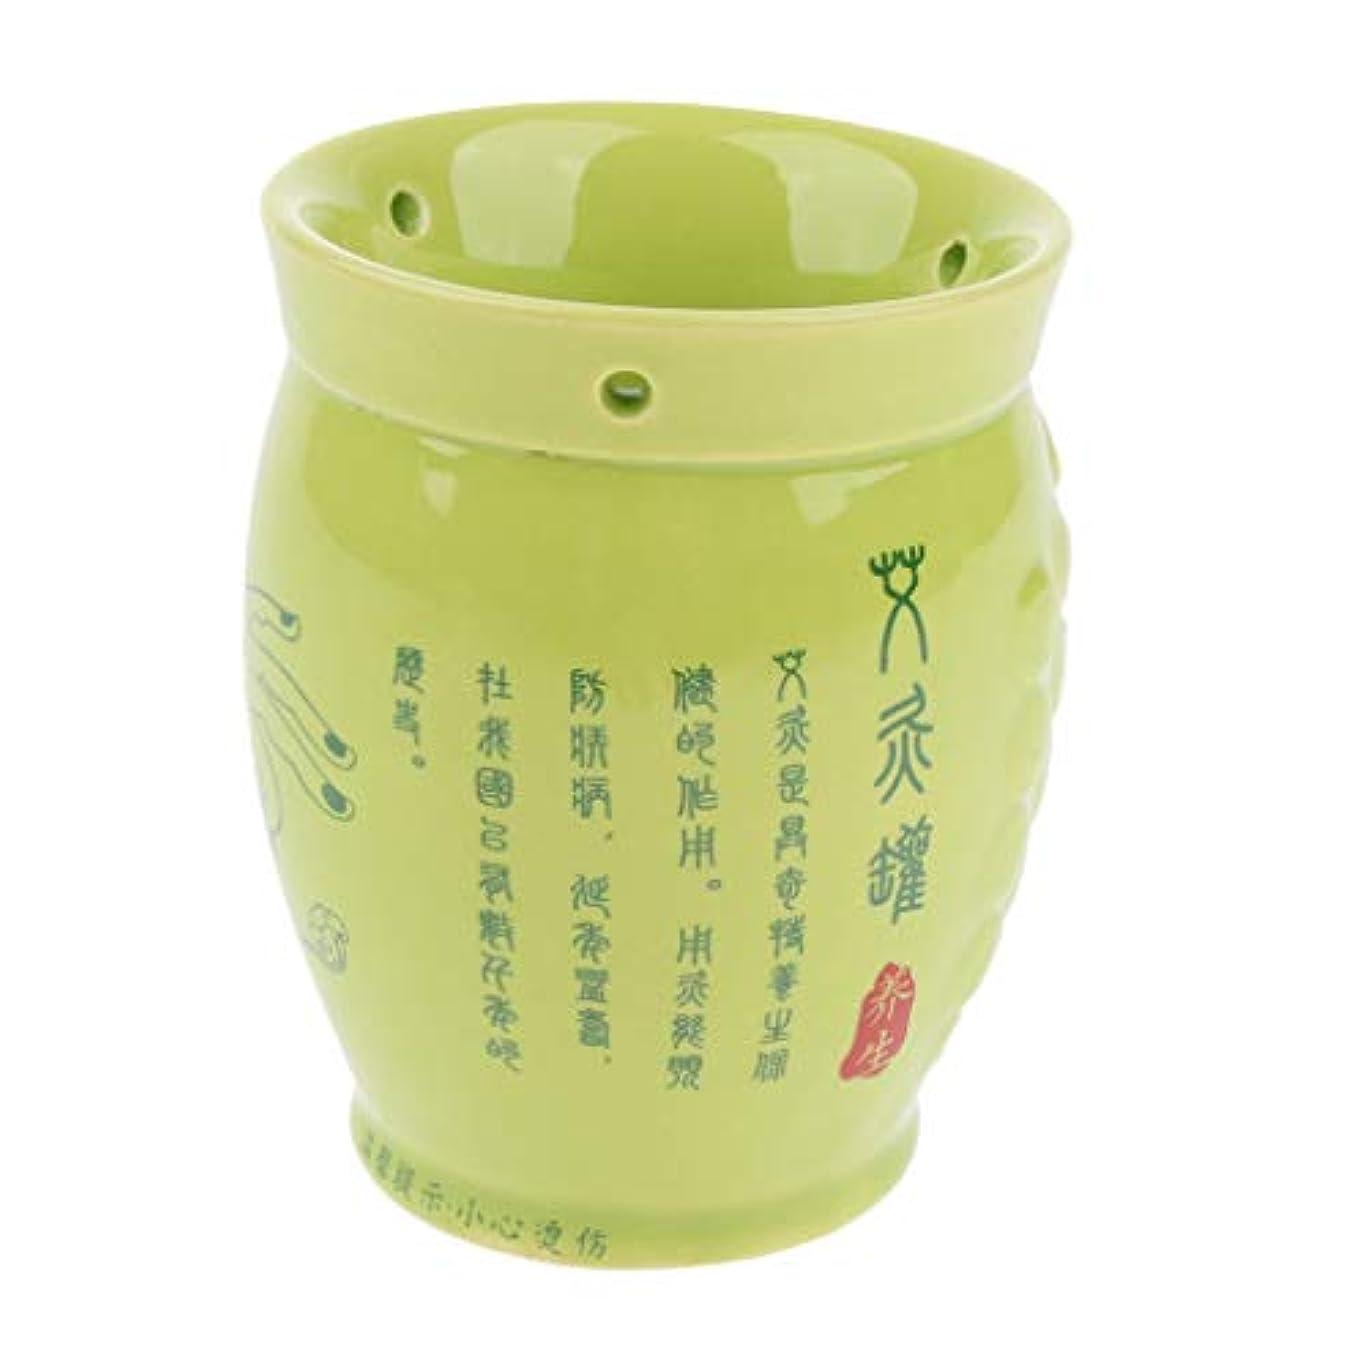 シダ夢中覆すdailymall 中国の陶磁器のSの廃棄物のコップの鍋はボディのためのカッピングをマッサージできます